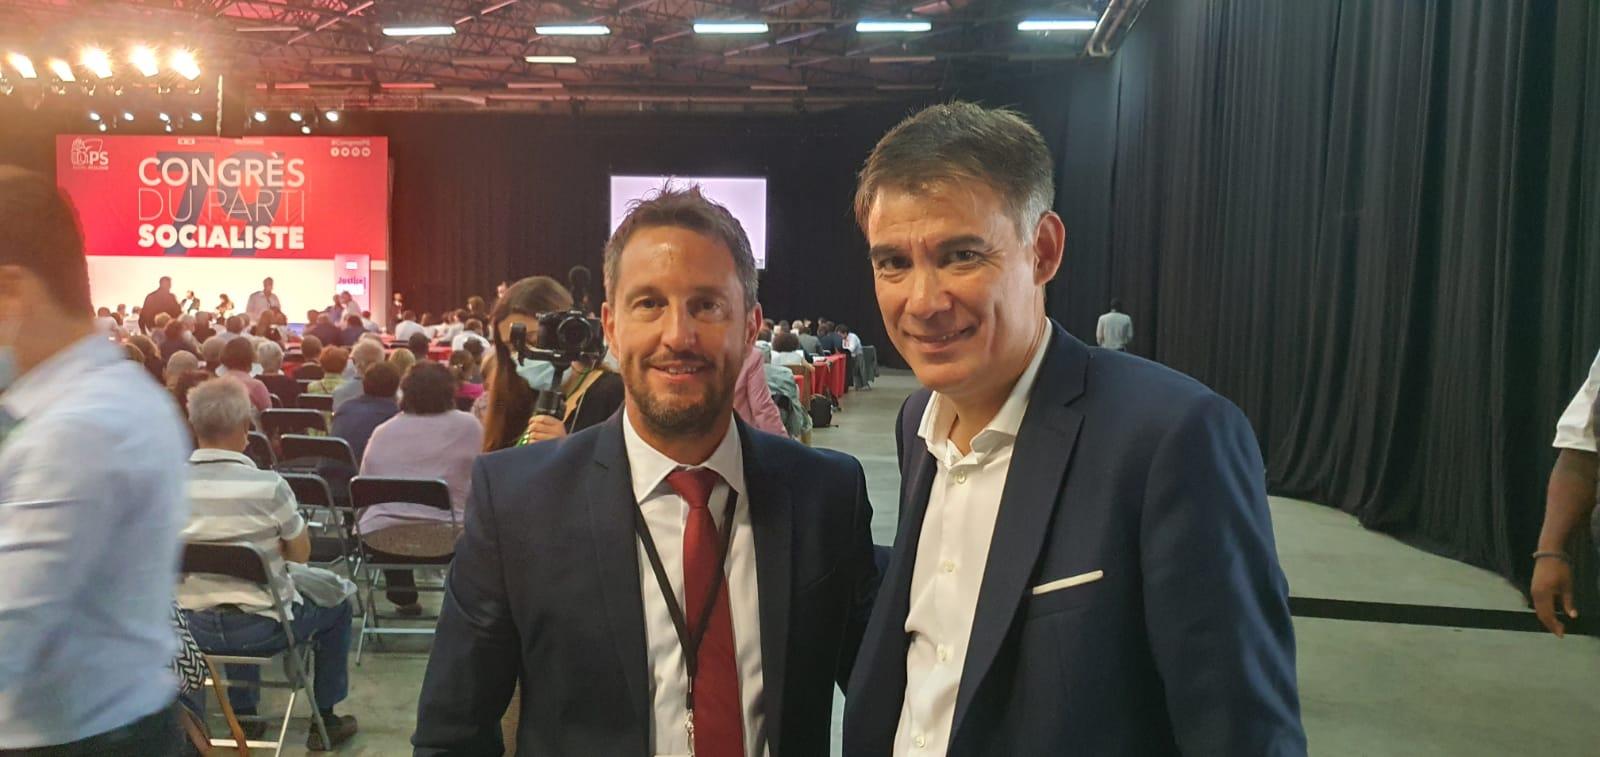 El president socialdemòcrata, Pere López, va assist